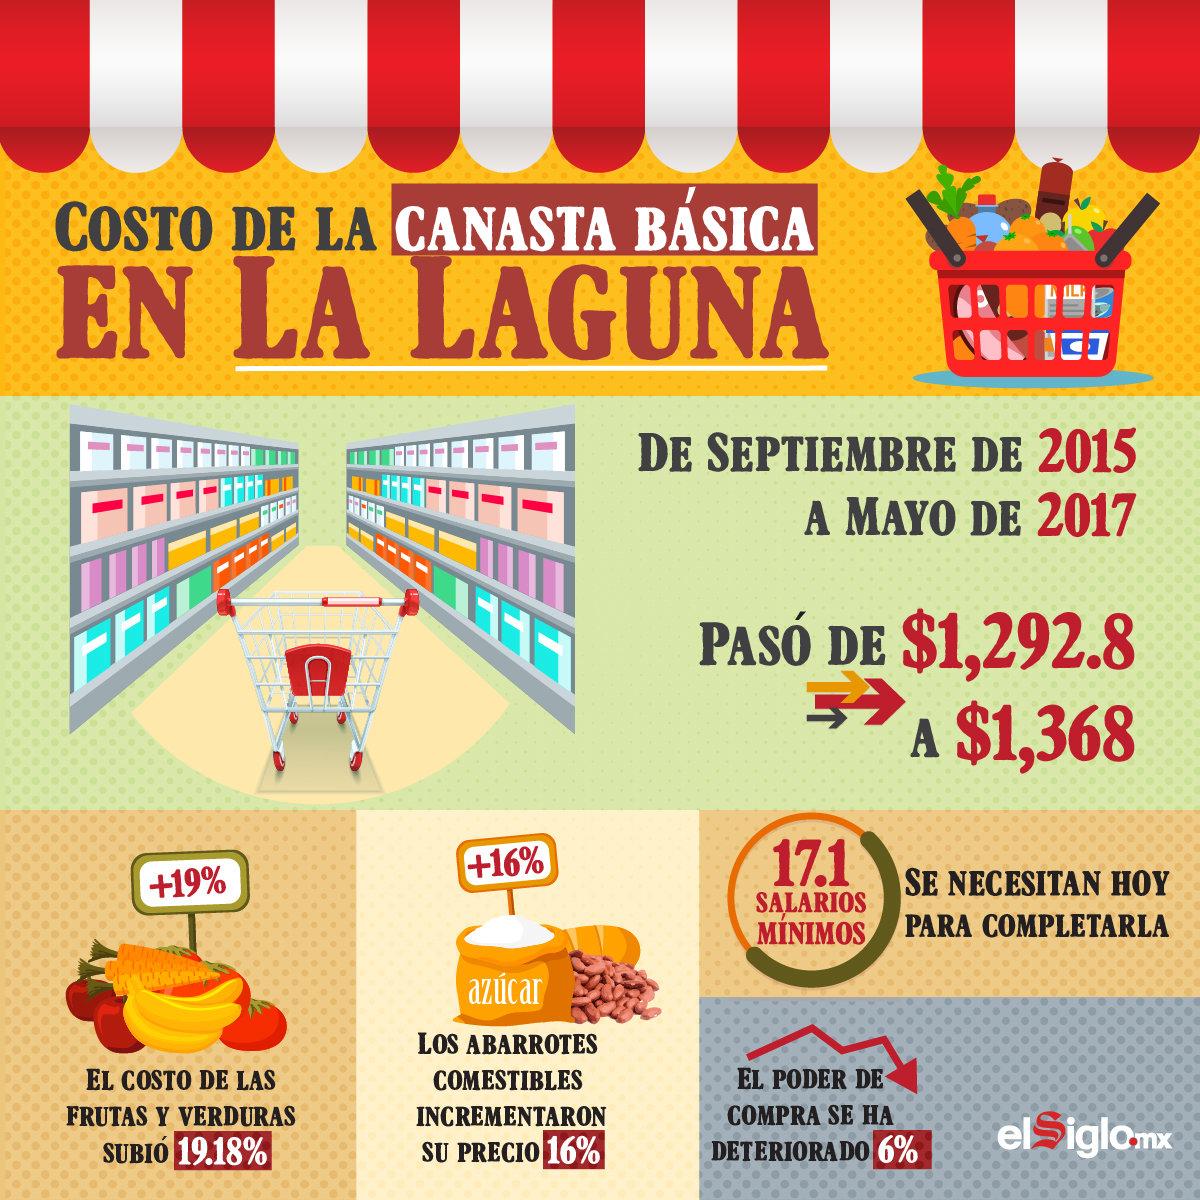 Costo de la canasta básica en La Laguna